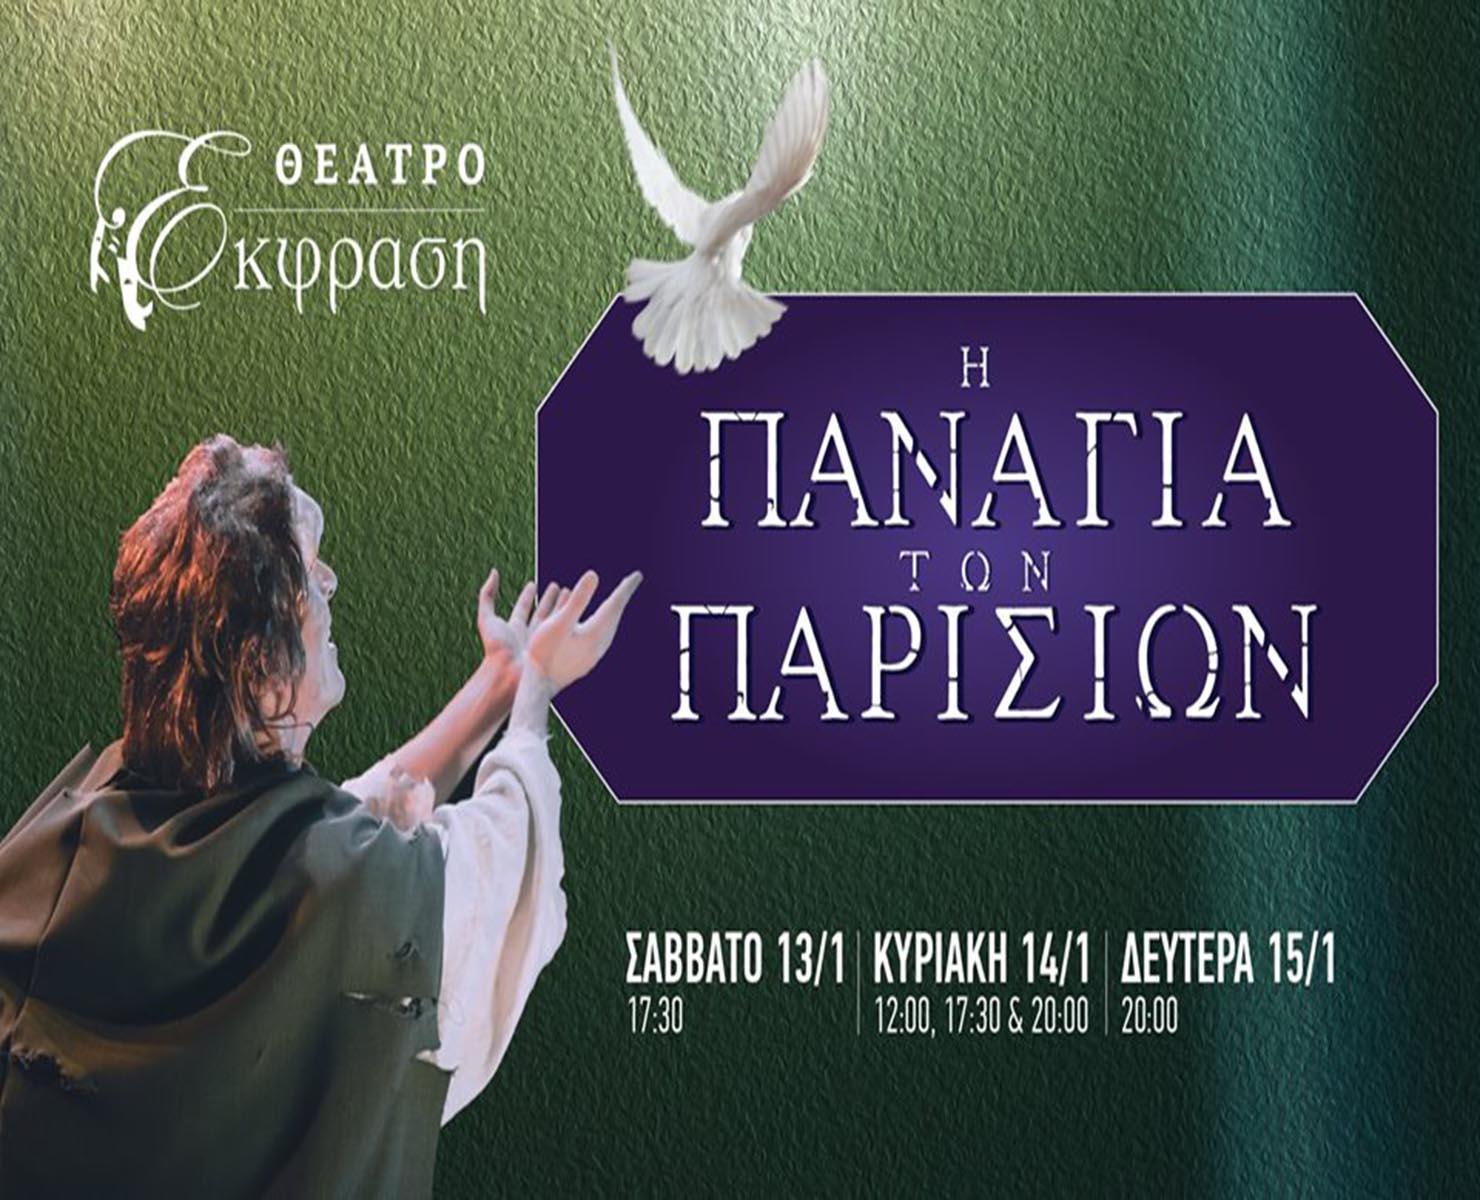 Η Παναγία των Παρισίων Θέατρο Έκφραση Ιωάννινα